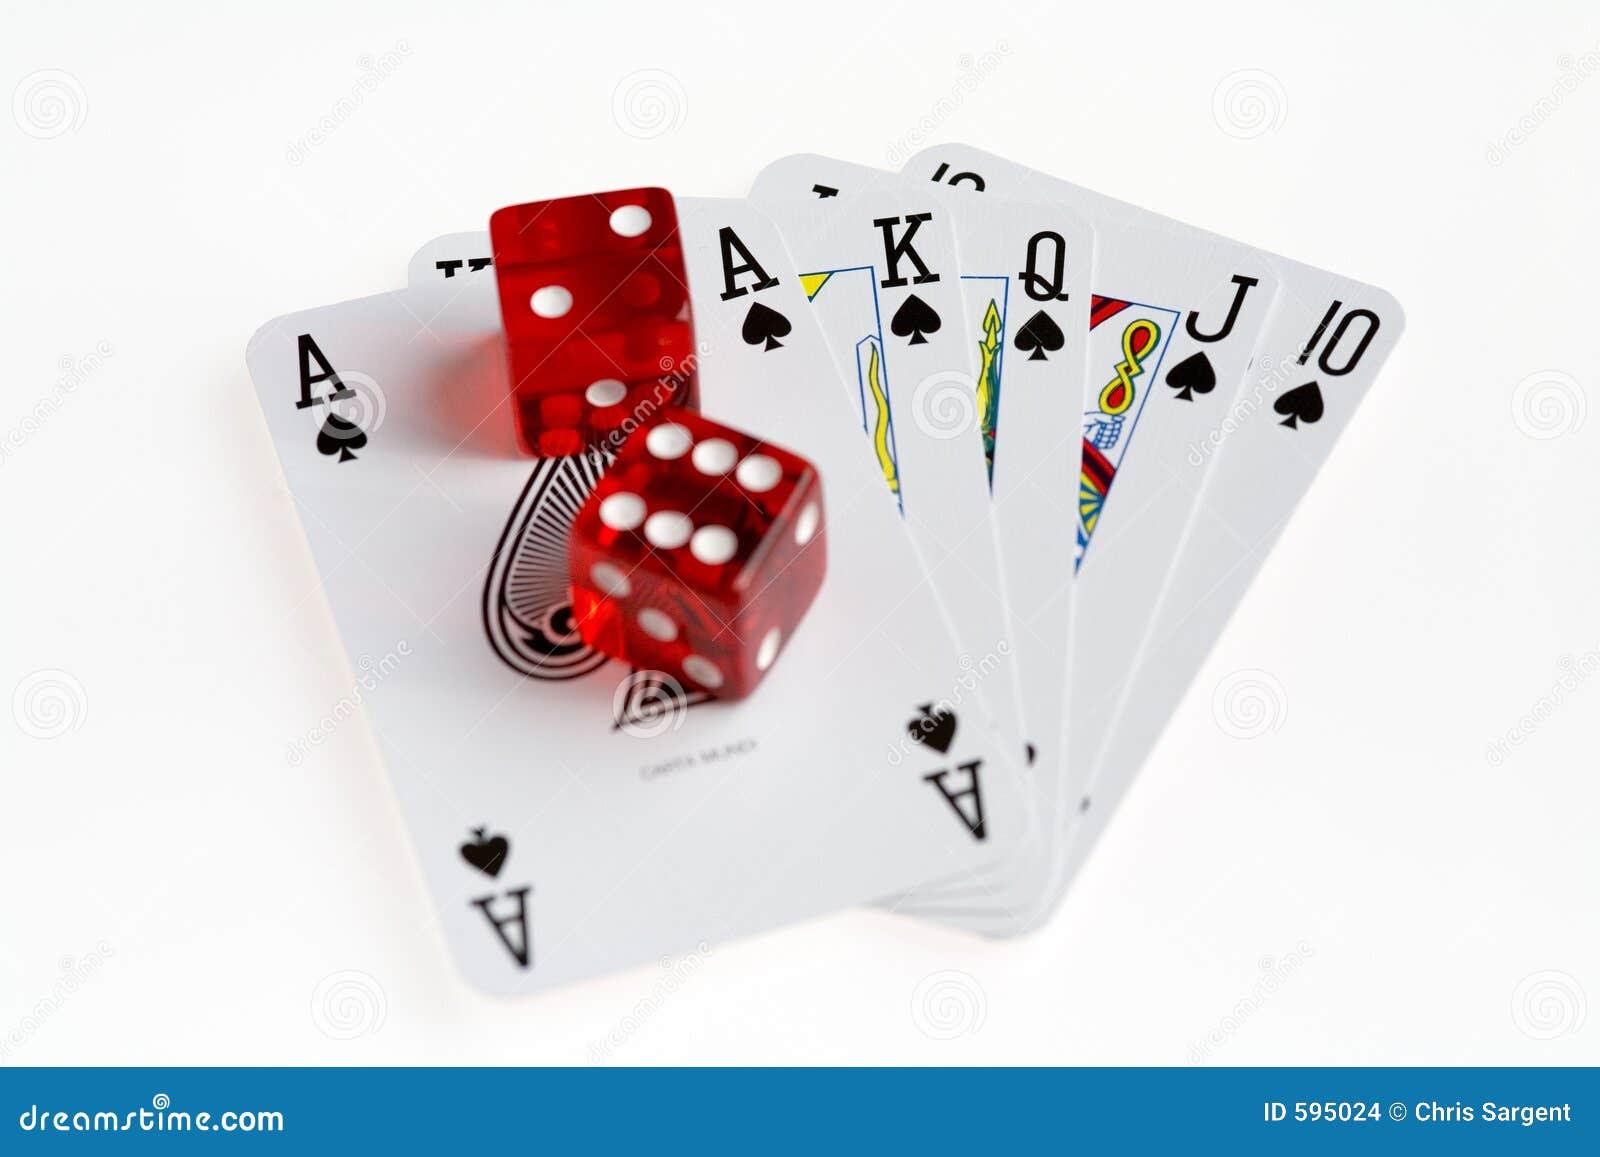 poker dice hands